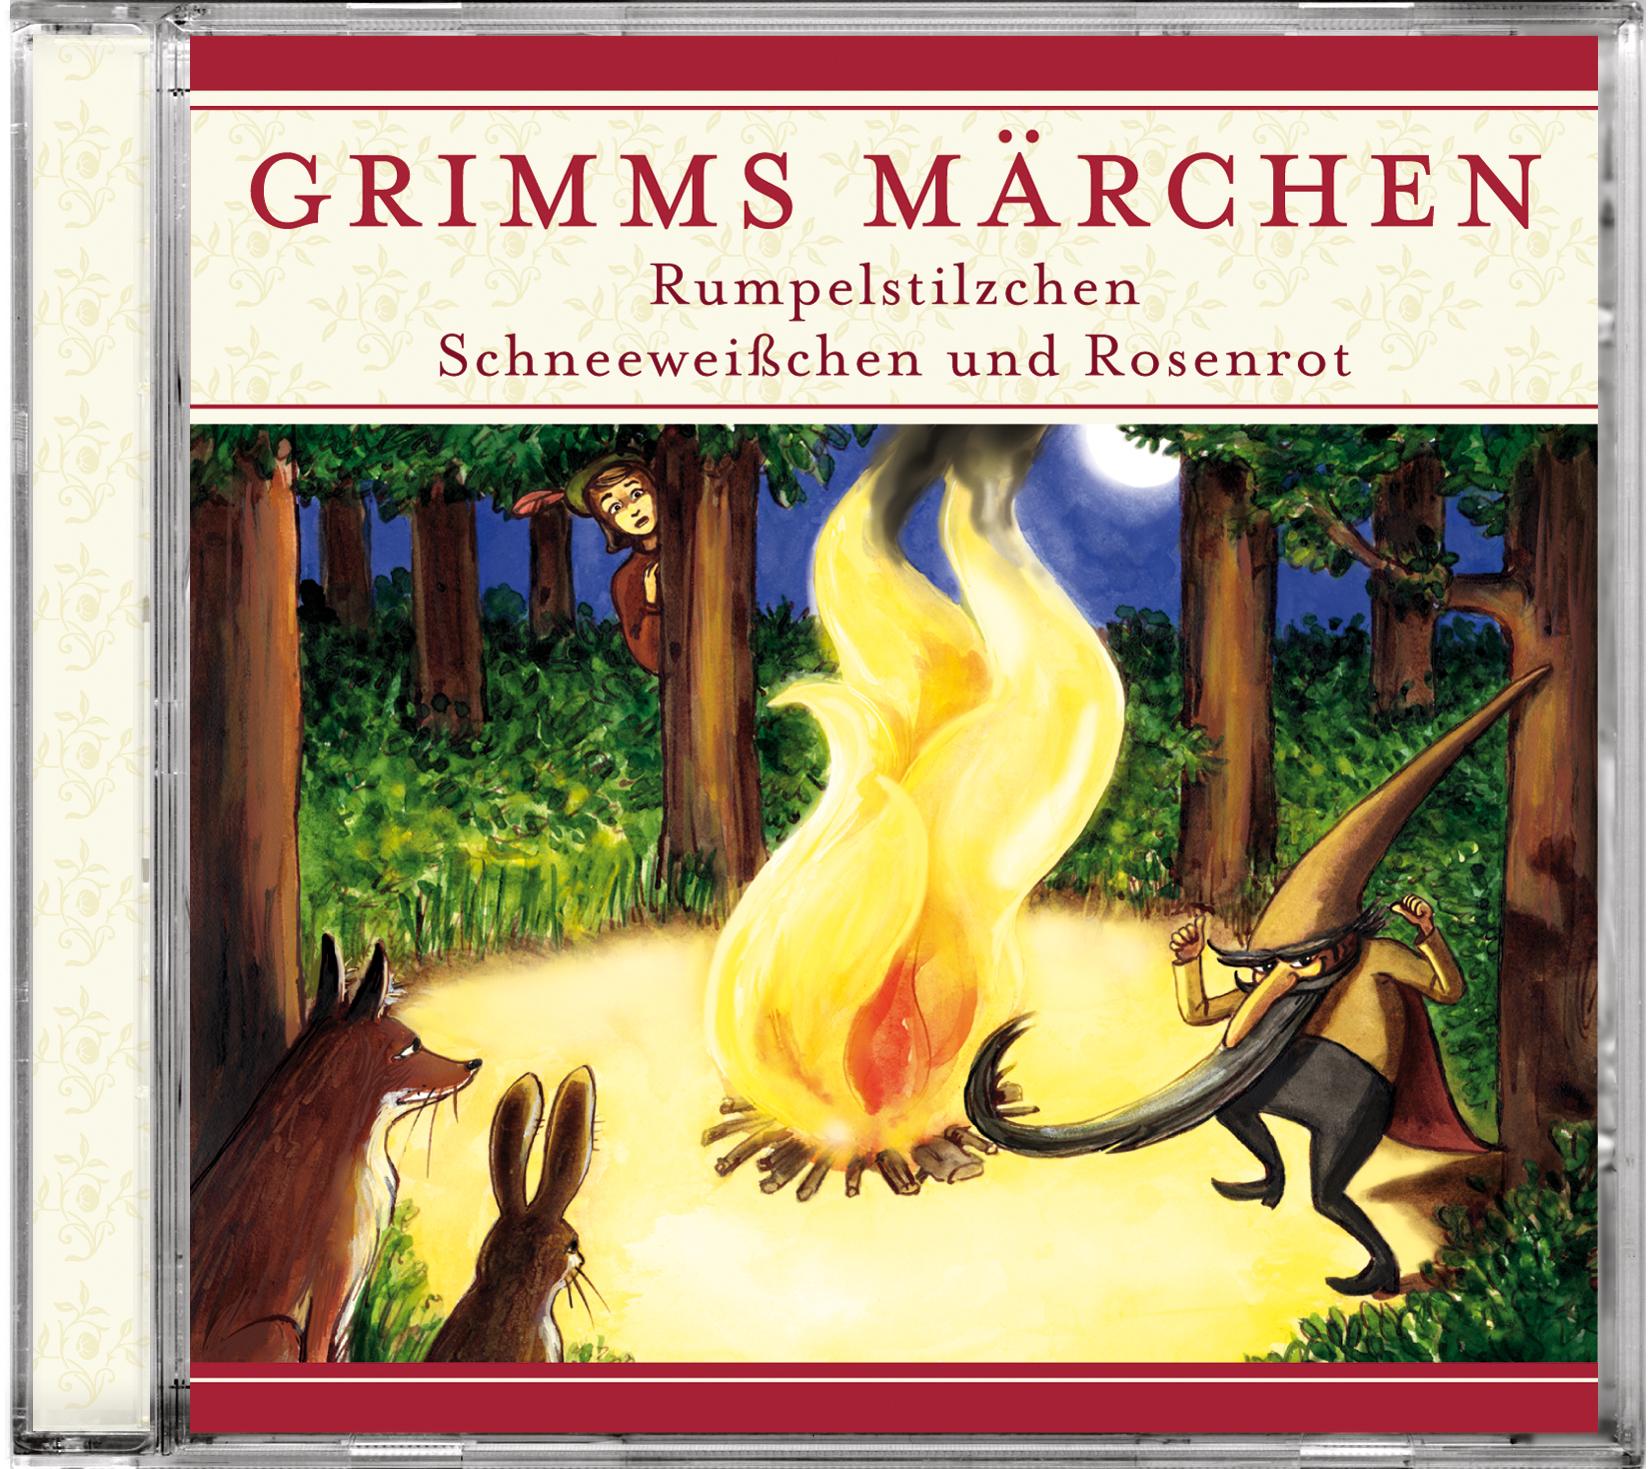 Grimms Märchen: Rumpelstilzchen / Schneeweißche...